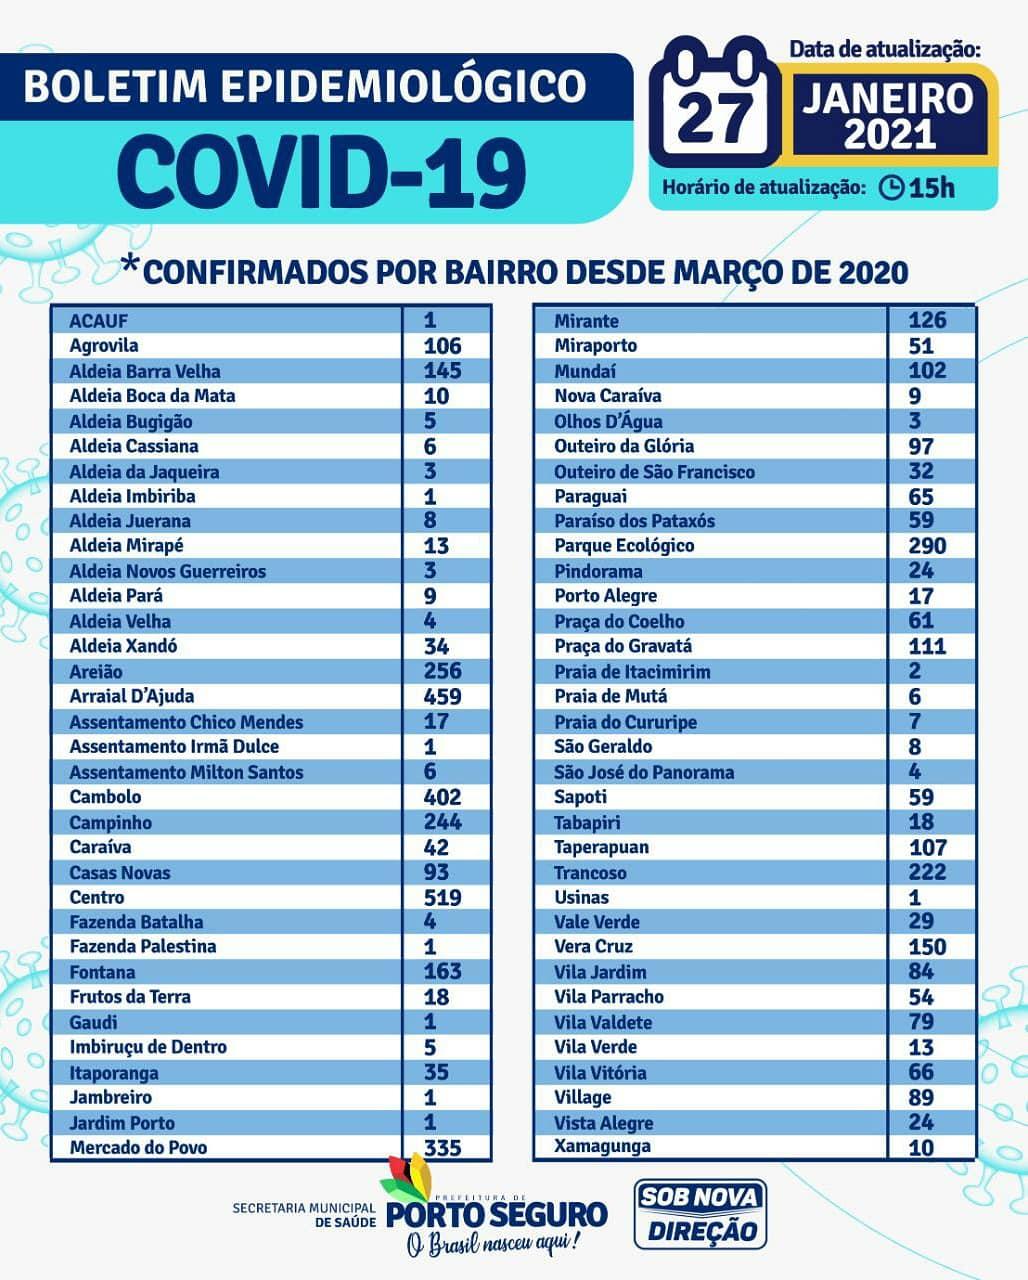 Porto Seguro: Boletim Epidemiológico Coronavírus (quarta feira) 27/01 26